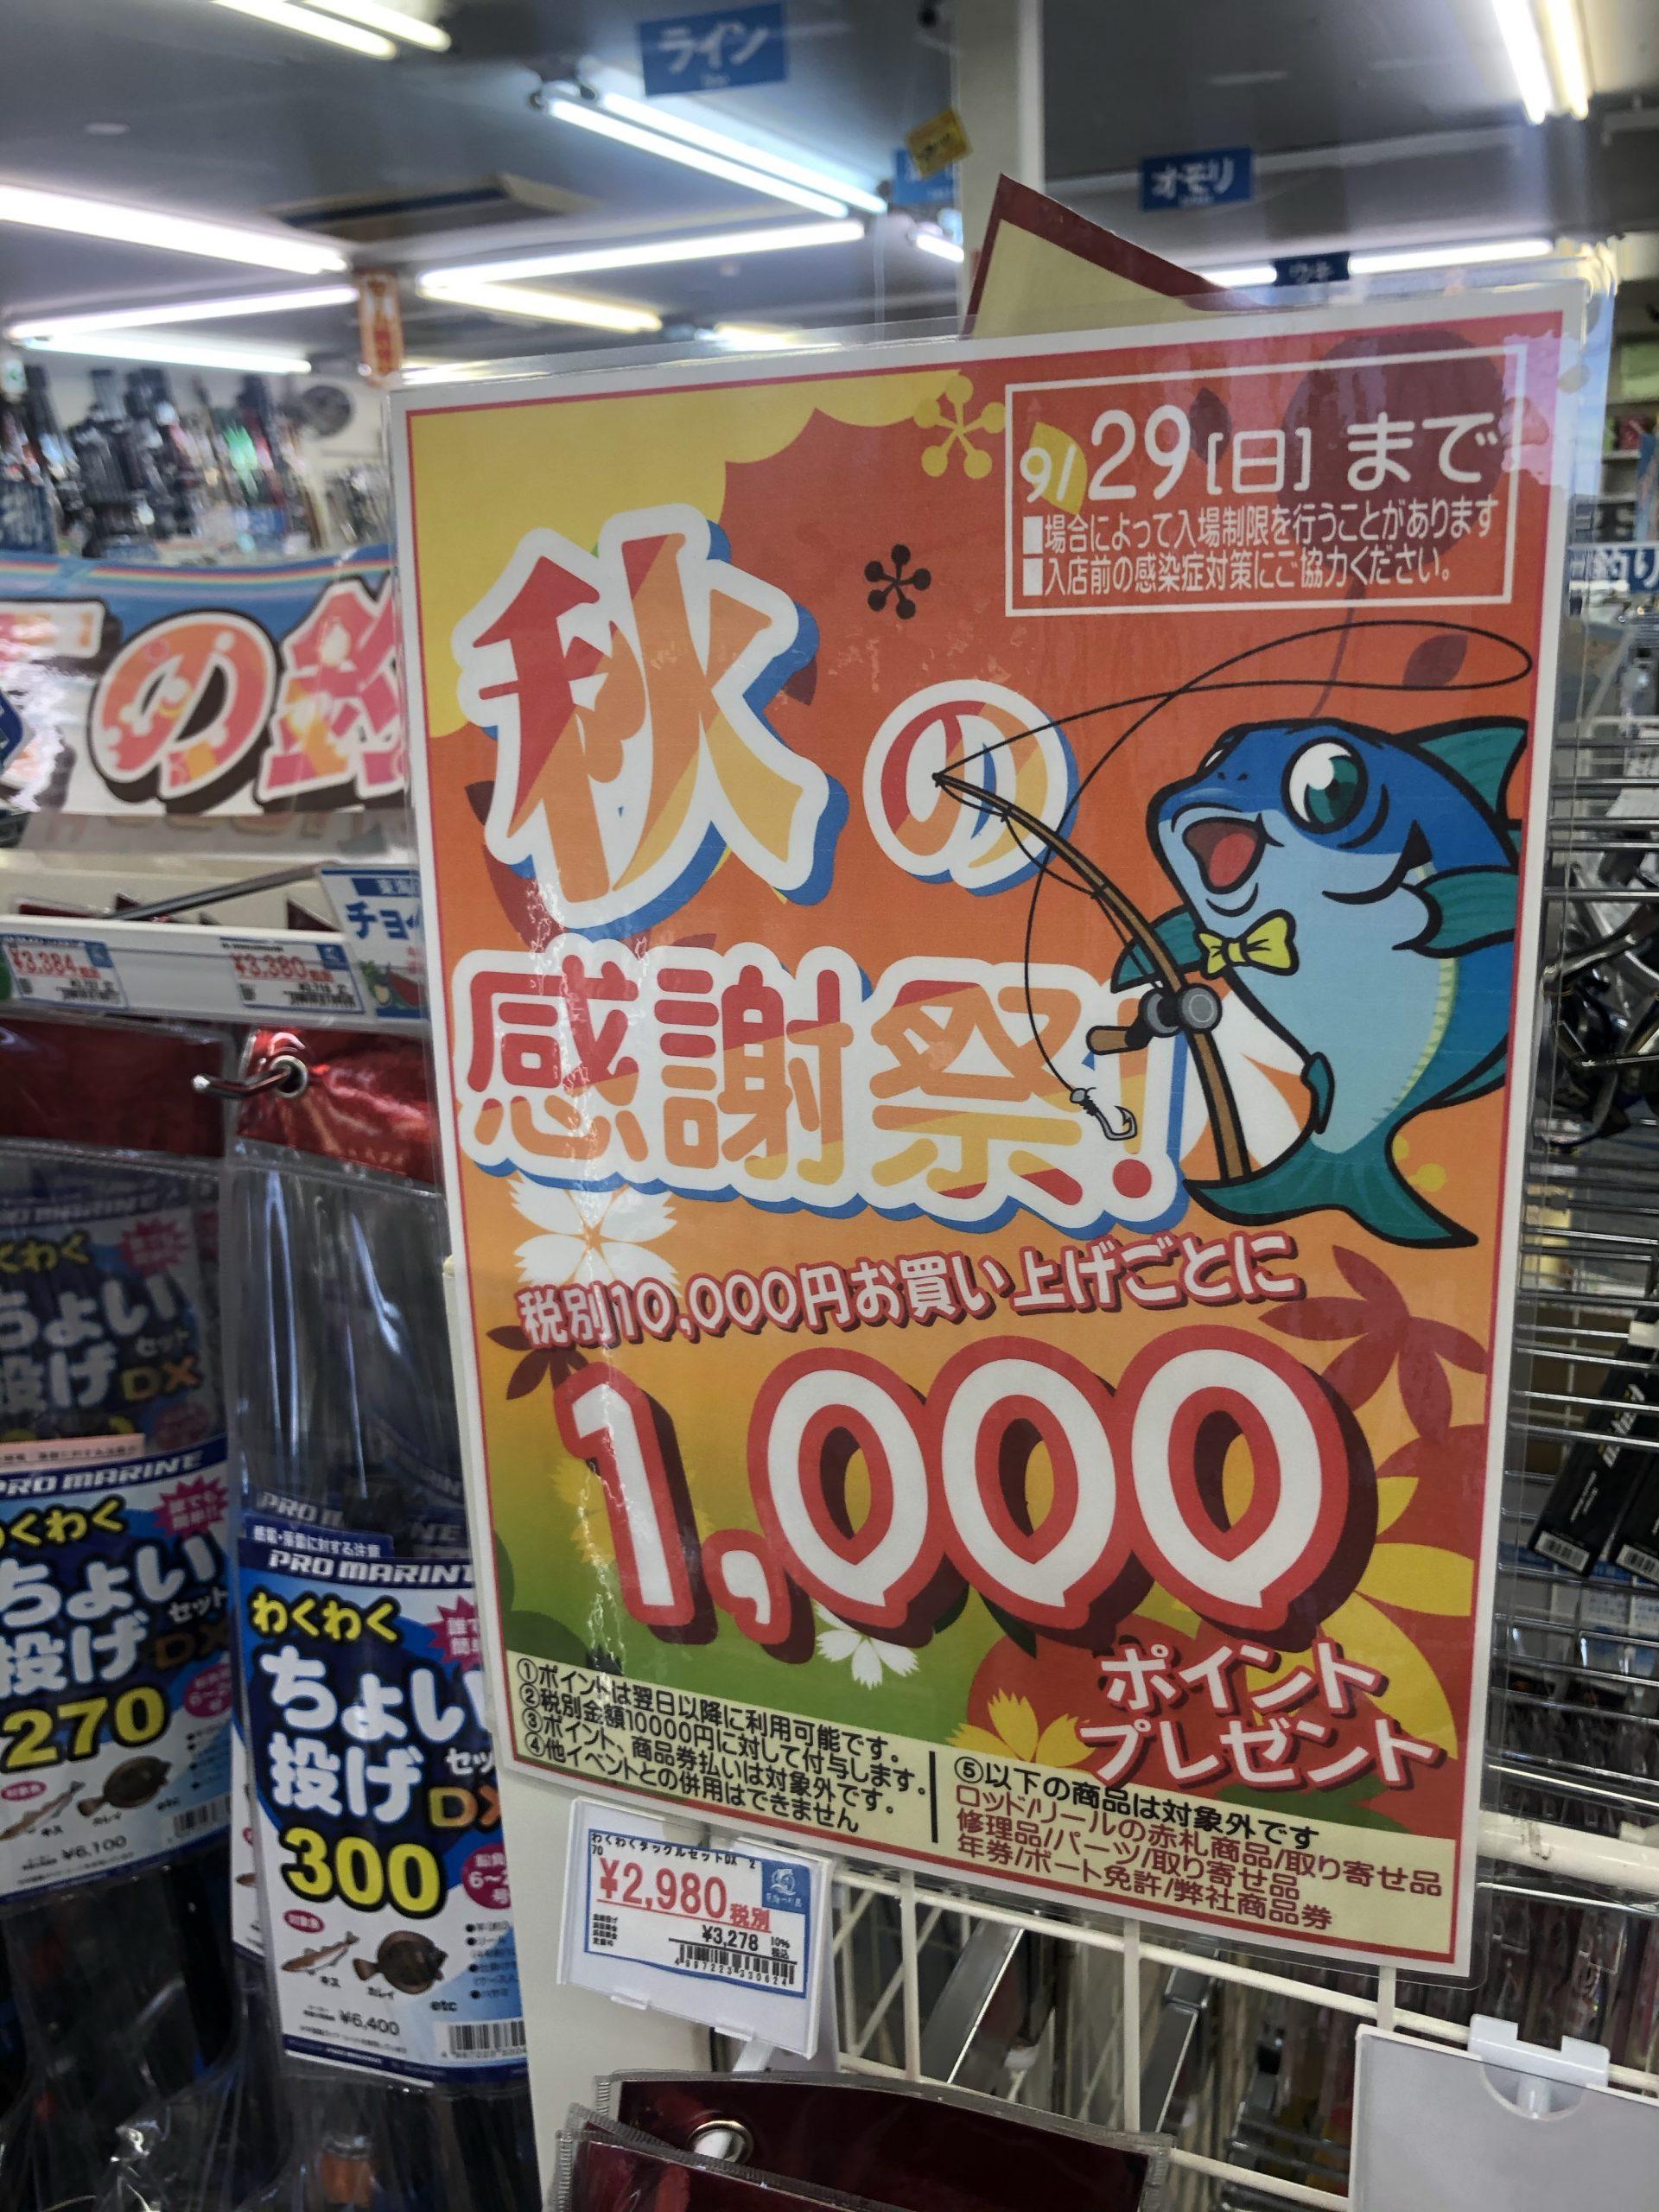 シマノ新製品続々入荷!